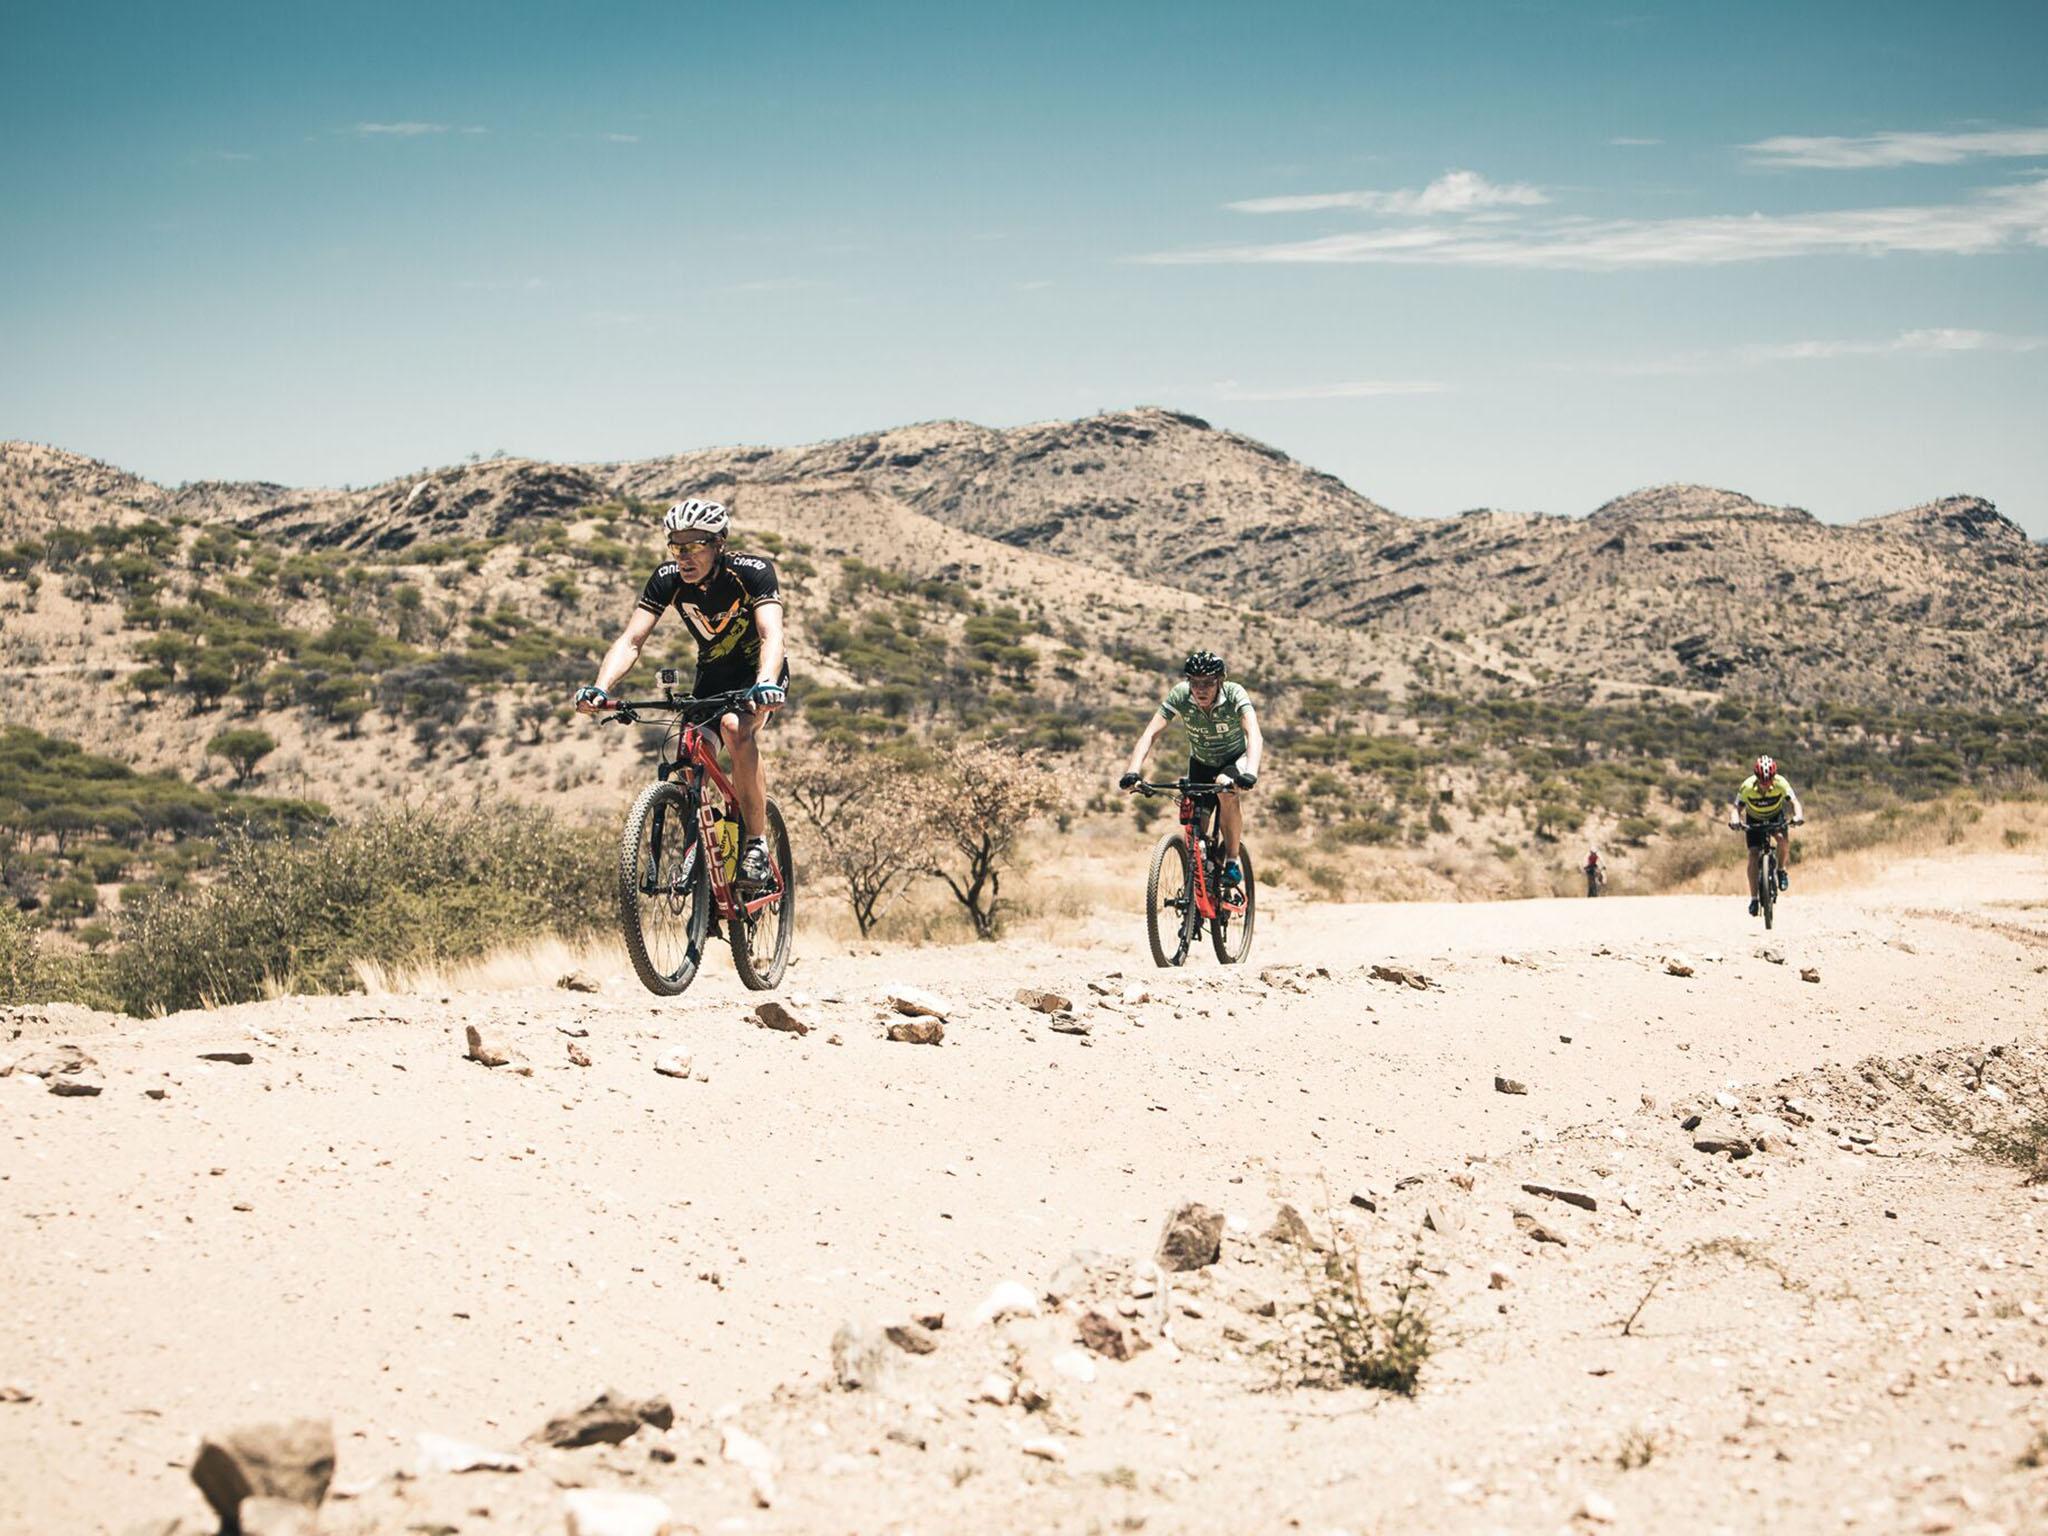 Beim Race Across America ist Maxi auch nächstes Jahr wieder mit dabei. Foto: Hupp Photography.